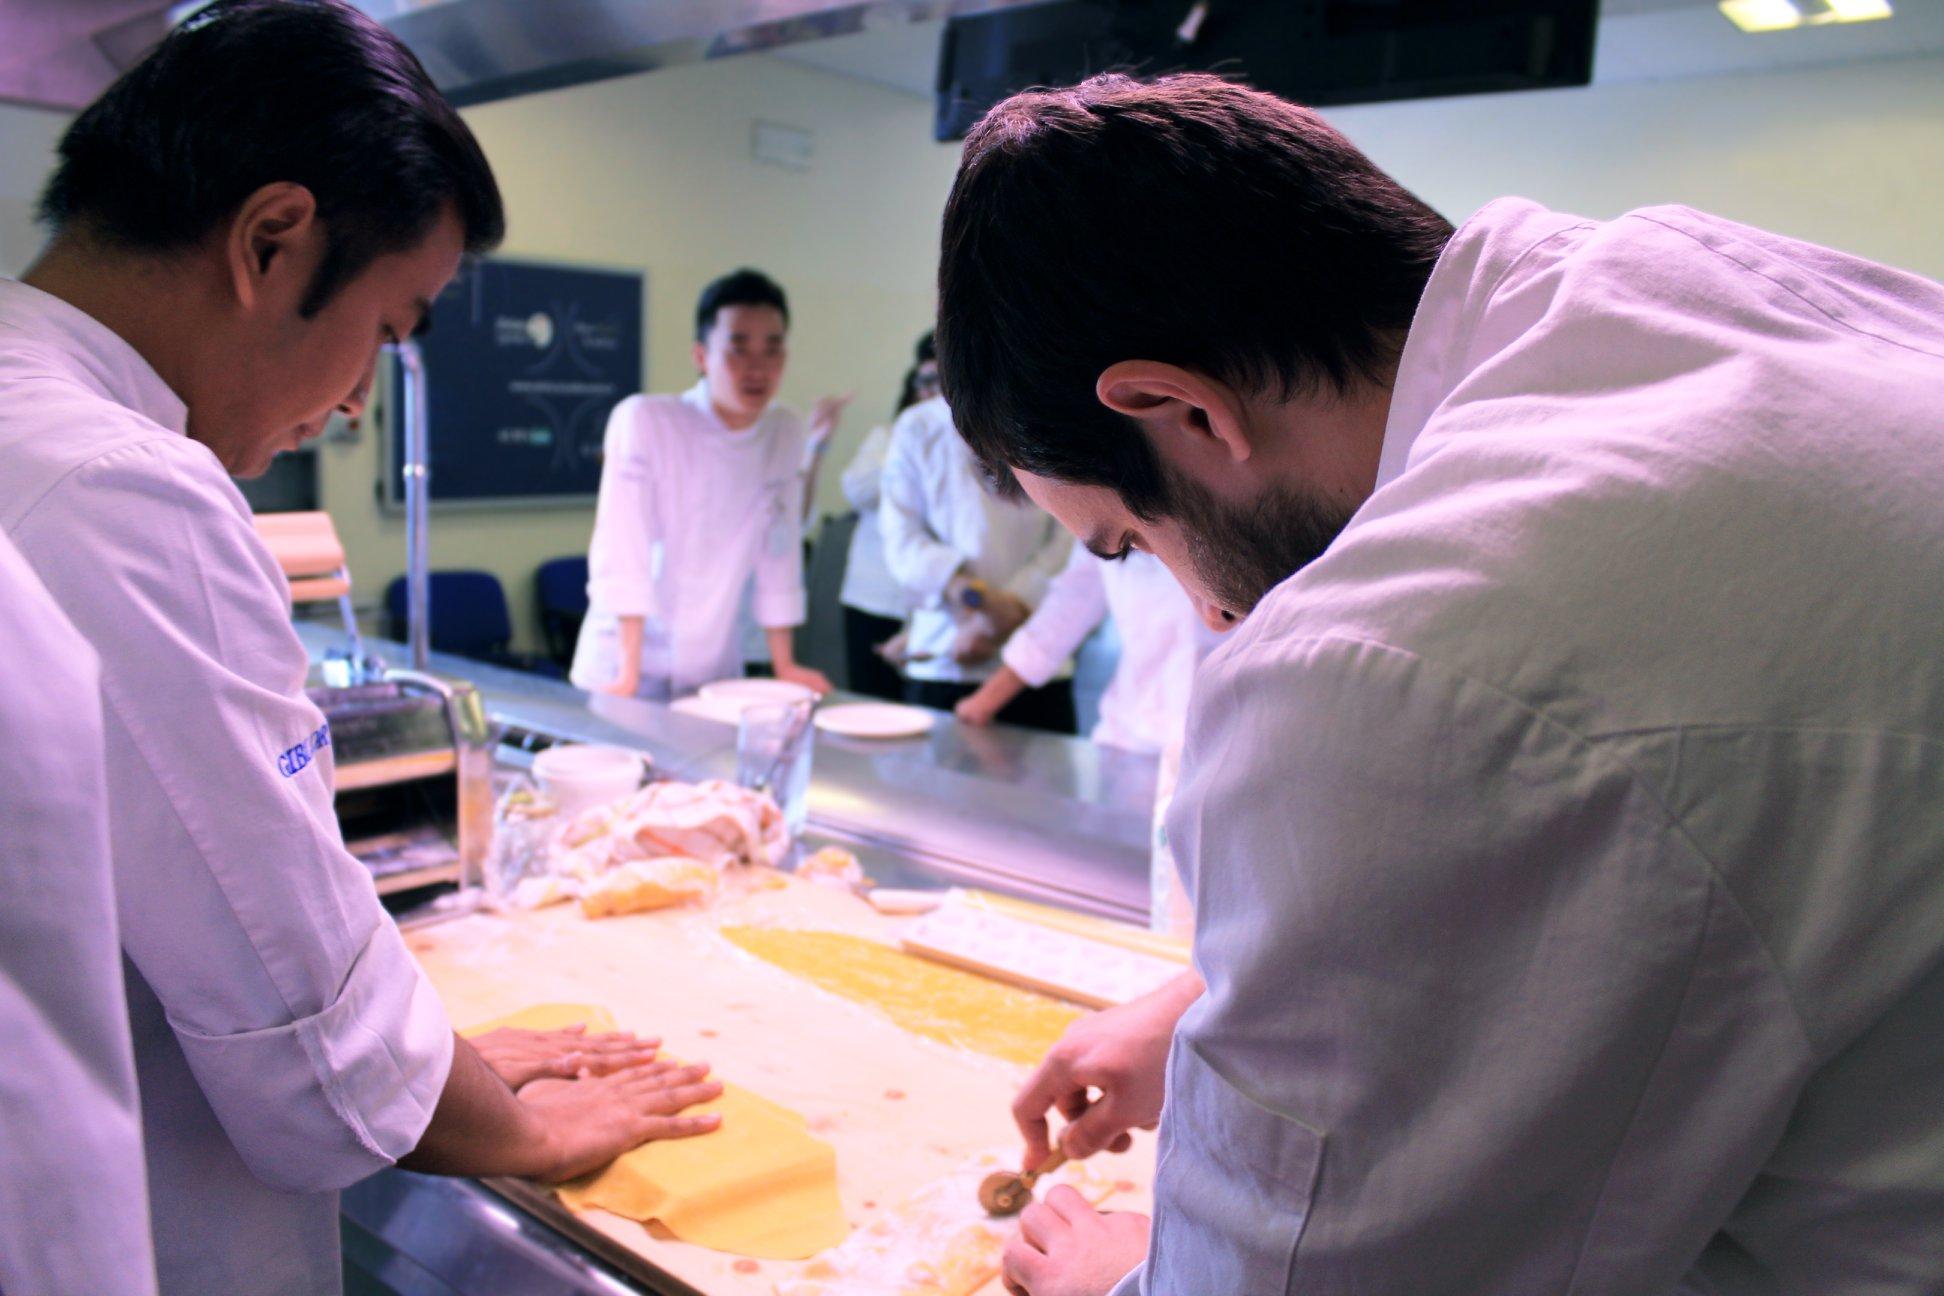 Scuole di cucina le migliori in italia per aspiranti chef for Scuole di cucina in italia